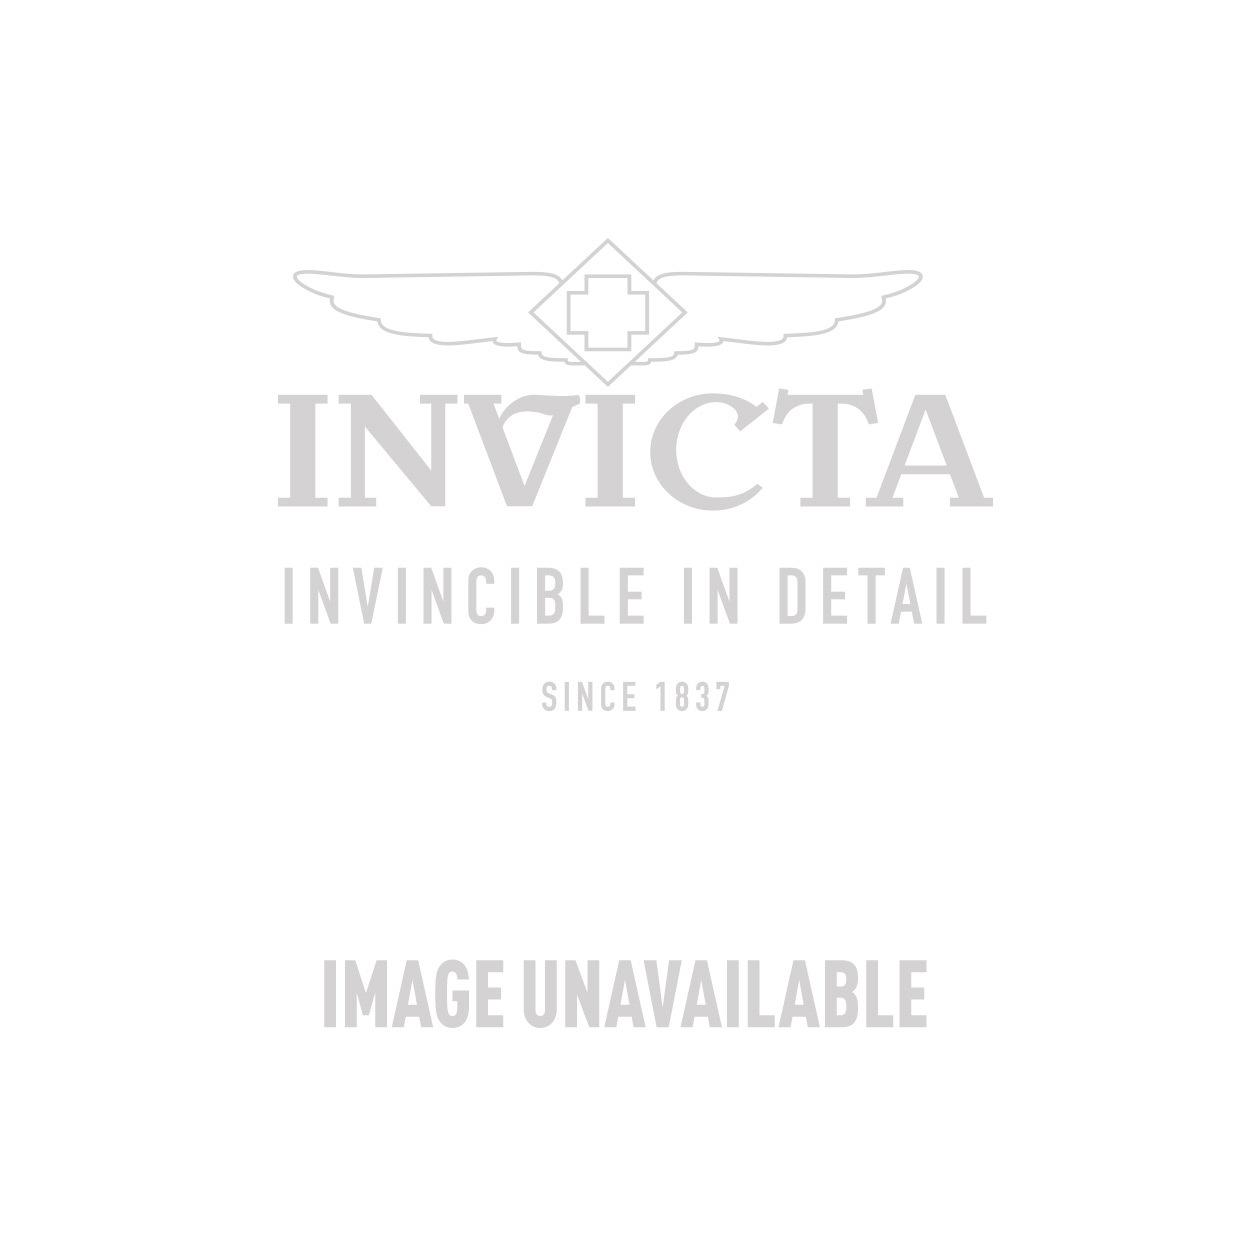 Invicta Model 24547